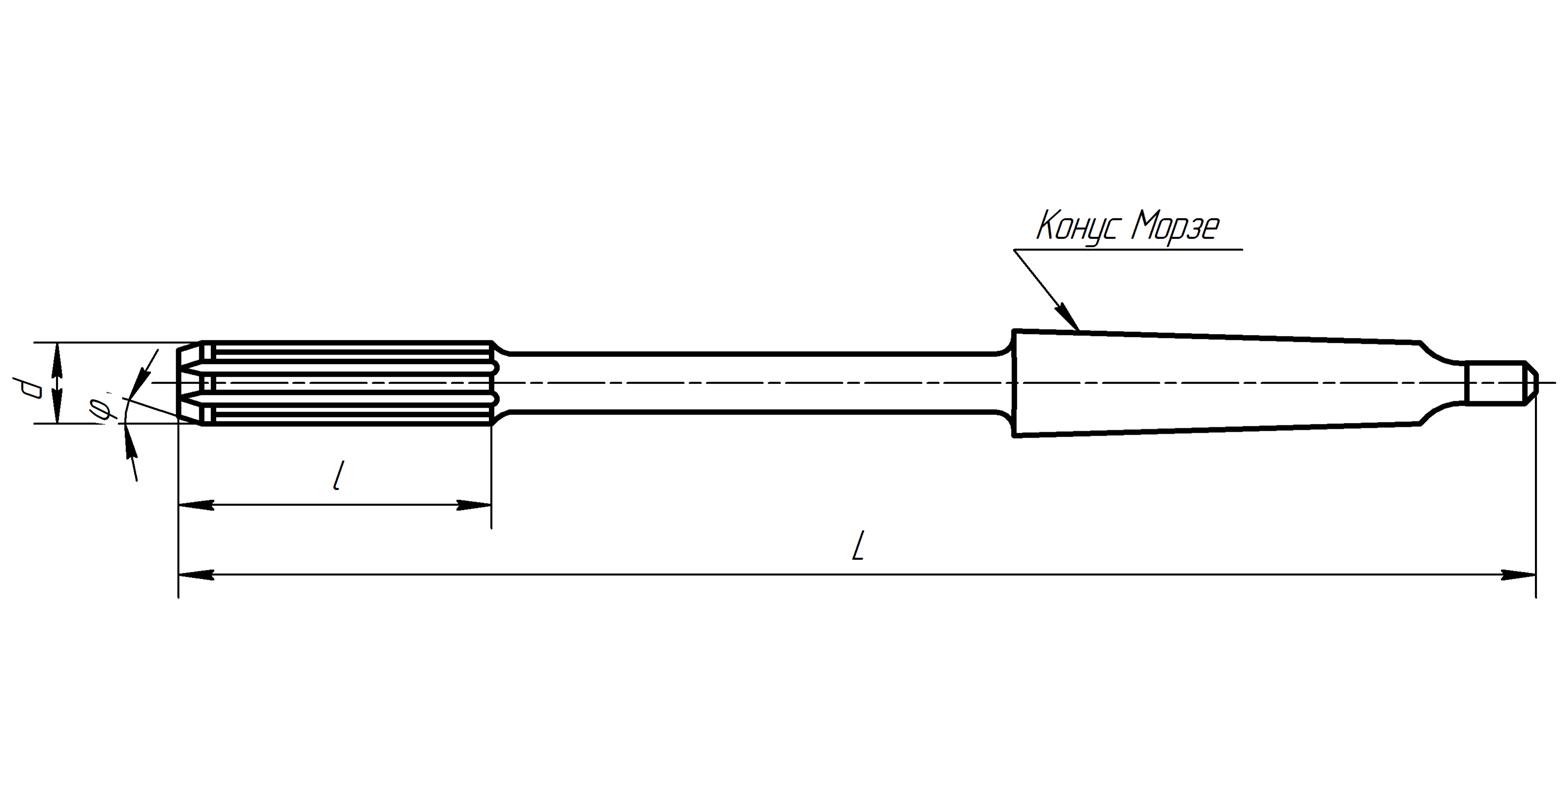 развертка машинная конический хвостовик ф40